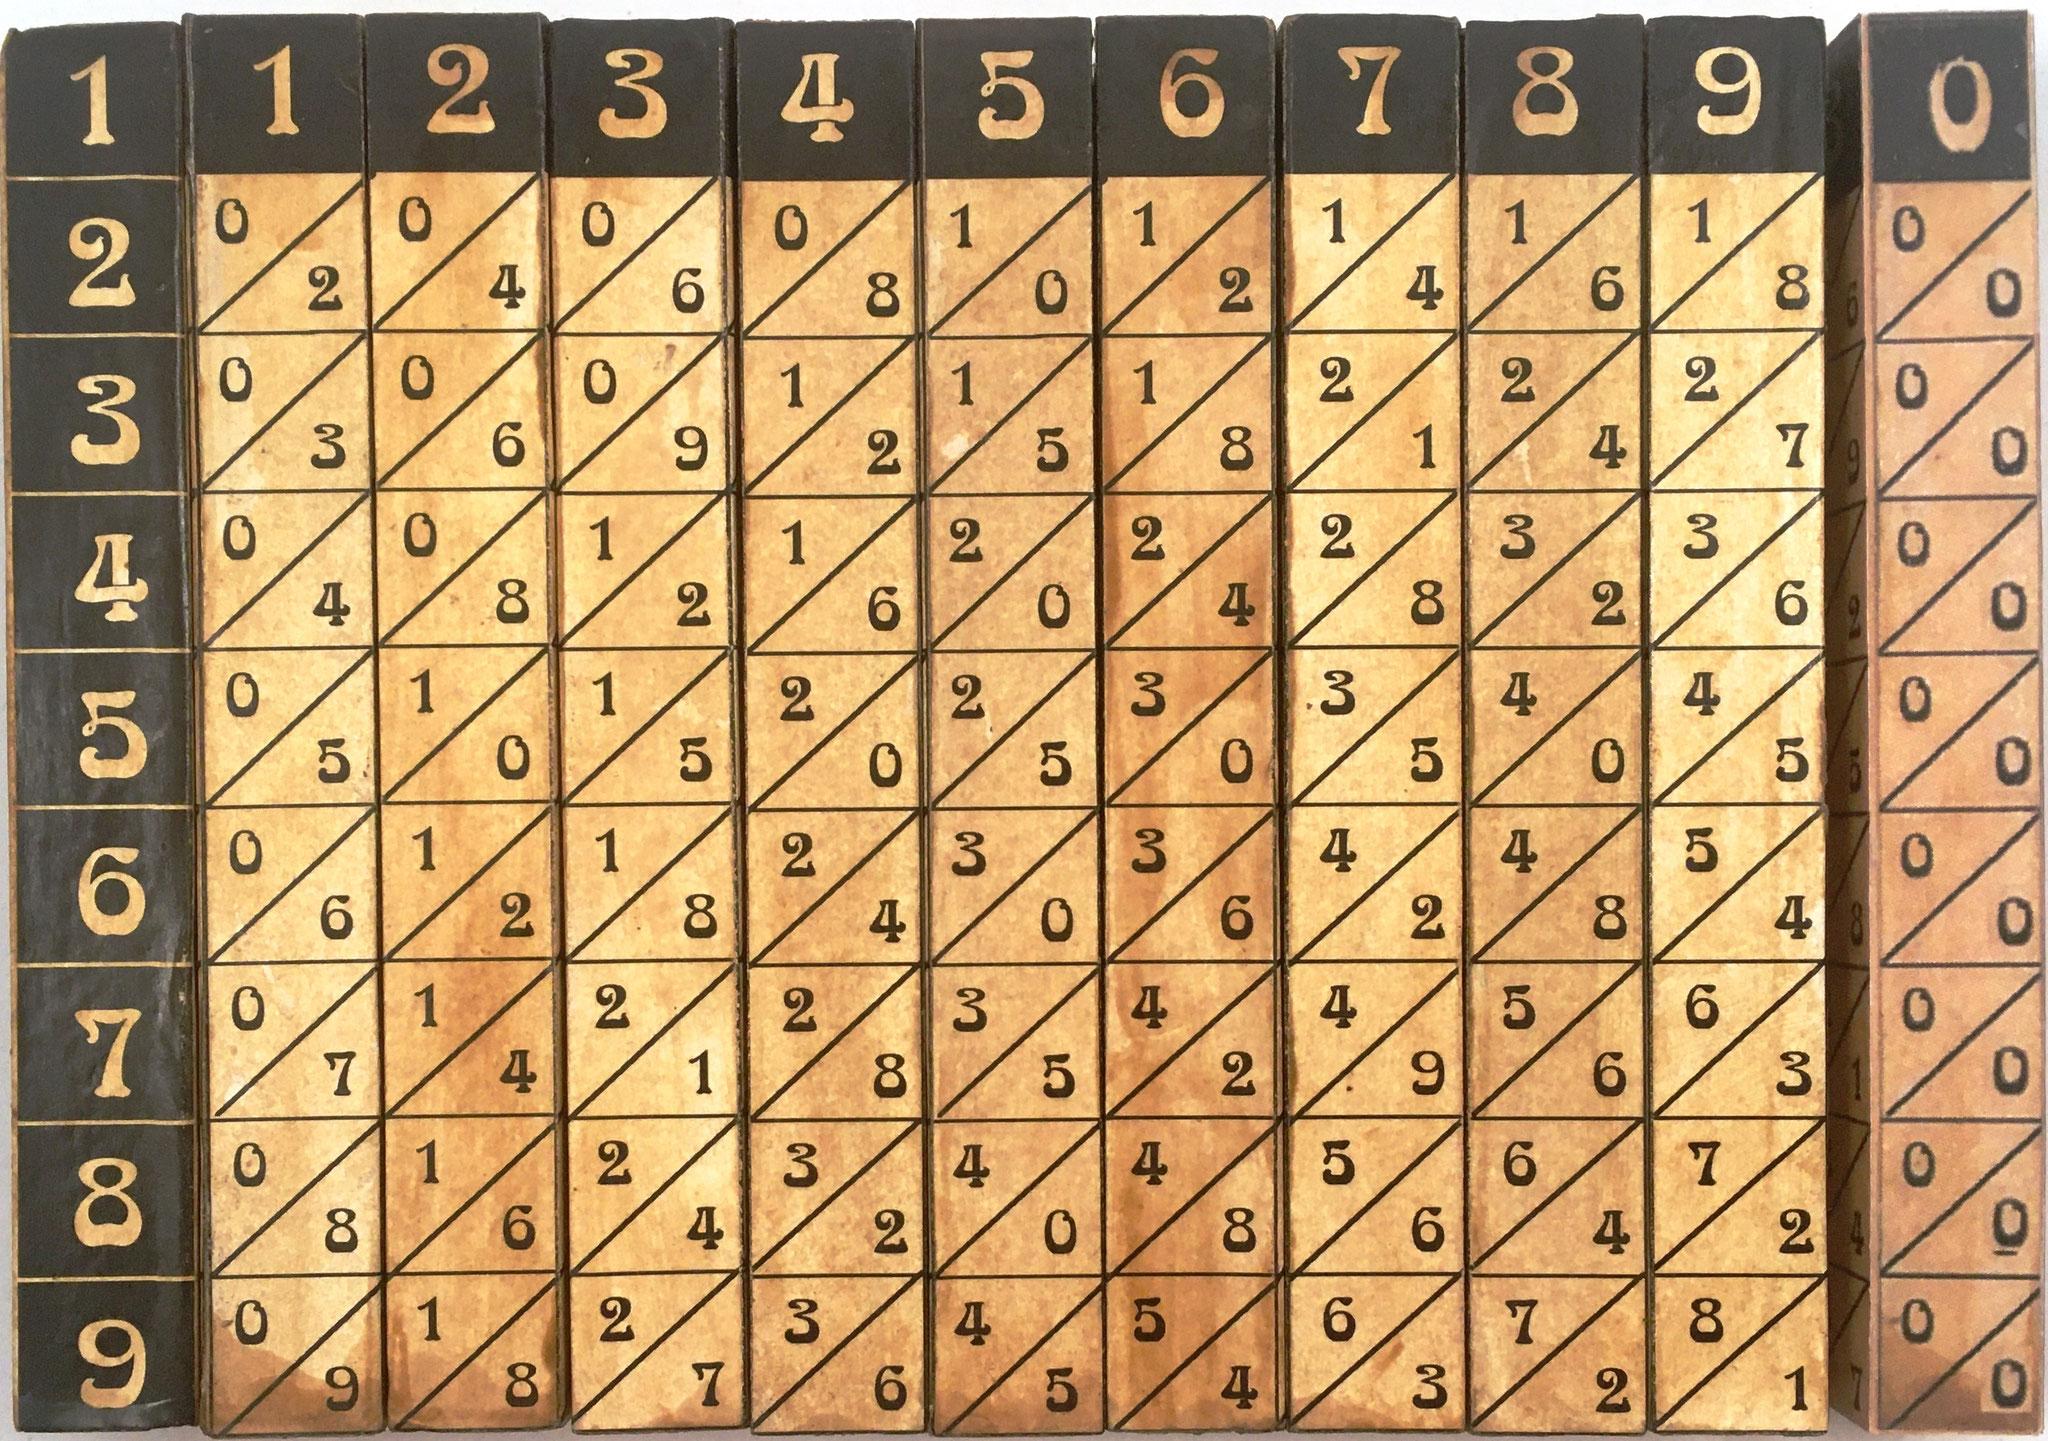 Ábaco multiplicativo de Napier, hecho en Francia, hacia 1940, 11 varillas cuadrangulares de 1.5x12.5 cm